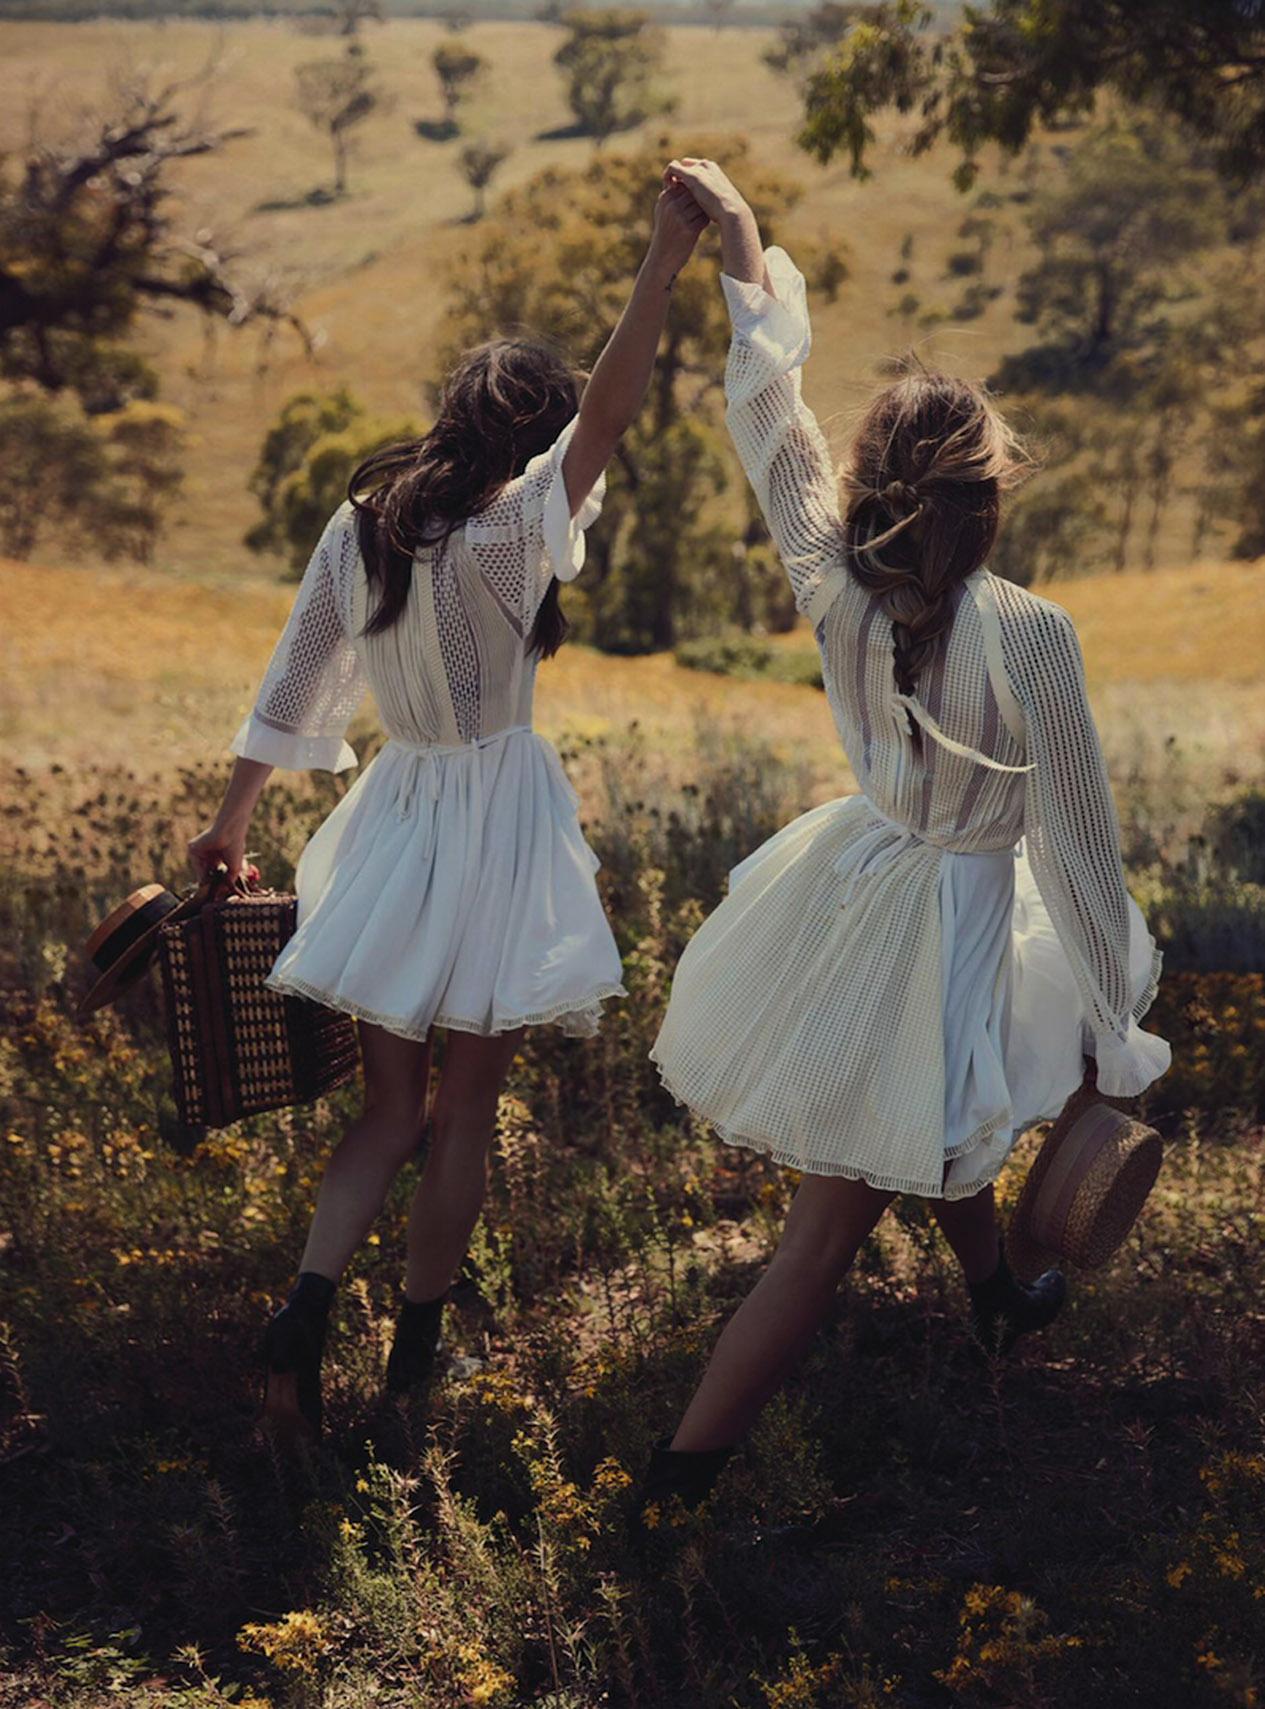 Тереза и Фиби: платья, бюстгальтеры и трусы, Louis Vuitton; винтажные шляпы, Blake Watson; винтажные ботинки, The Vintage Clothing Shop; корзинка для пикника, Mitchell Road Antique & Design Centre